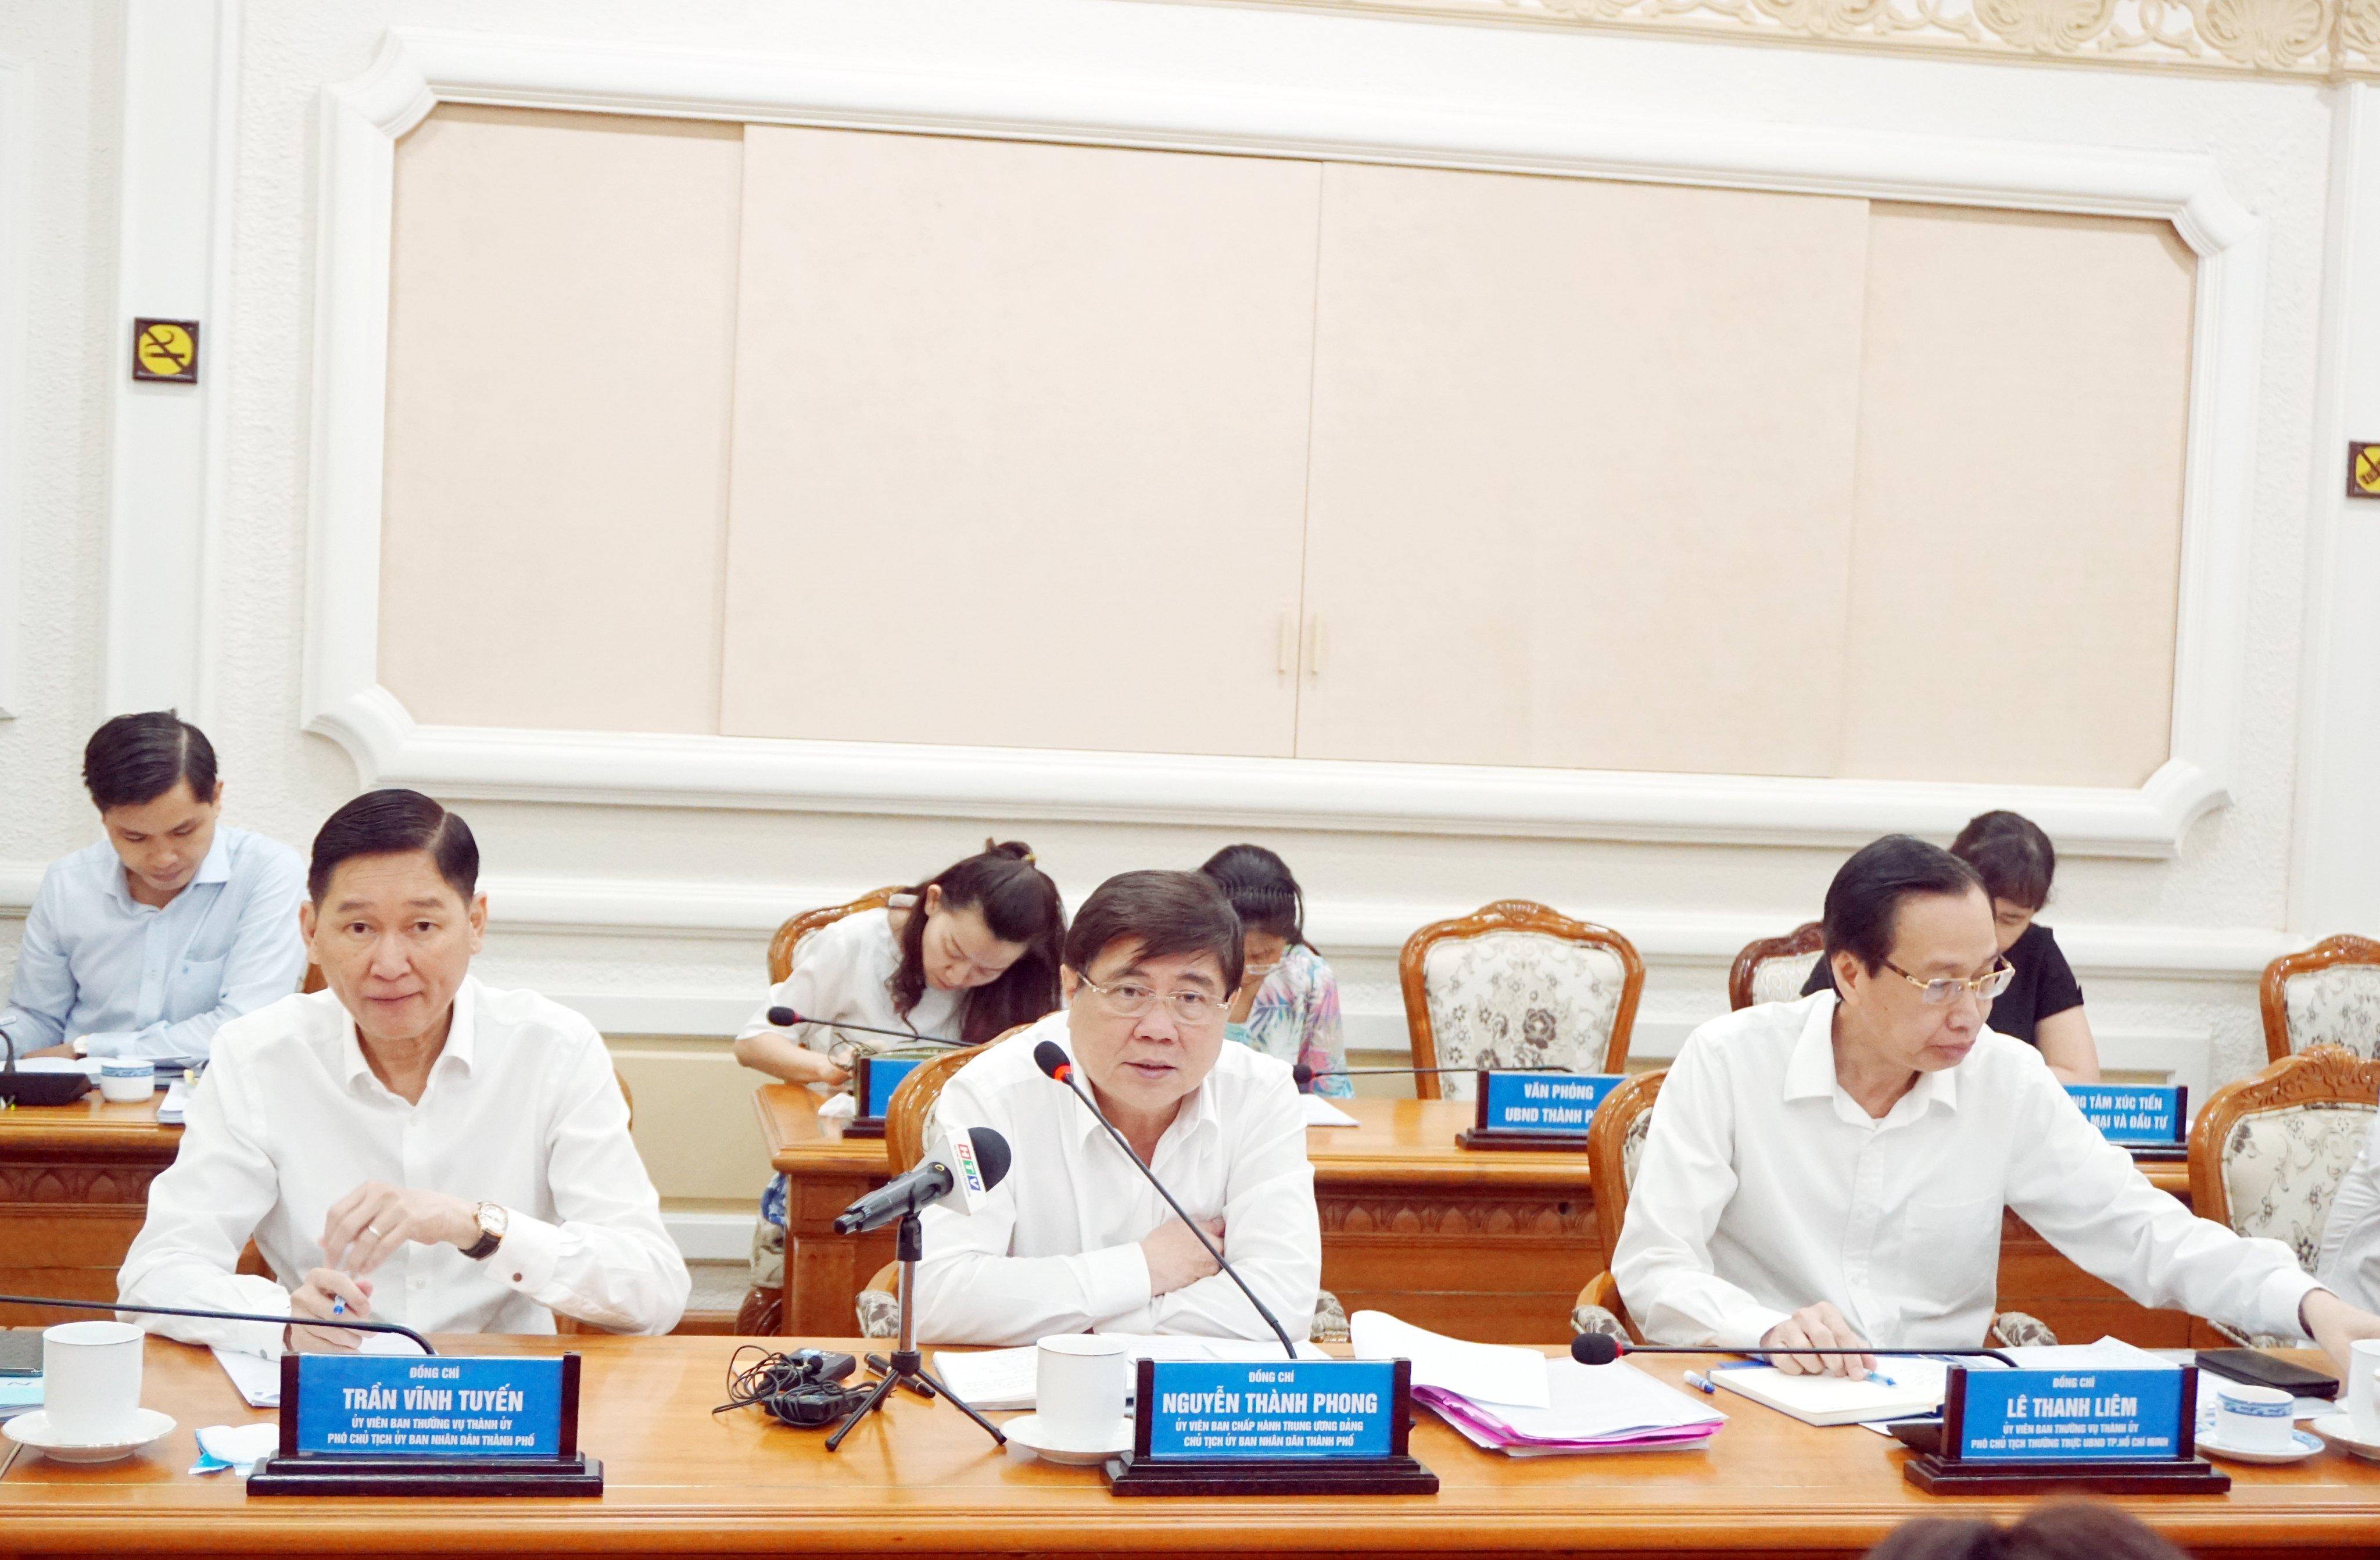 Theo Chủ tịch UBND TPHCM Nguyễn Thành Phong, UBND TPHCM sẽ kiến nghị Chính phủ giảm thuế cho các doanh nghiệp